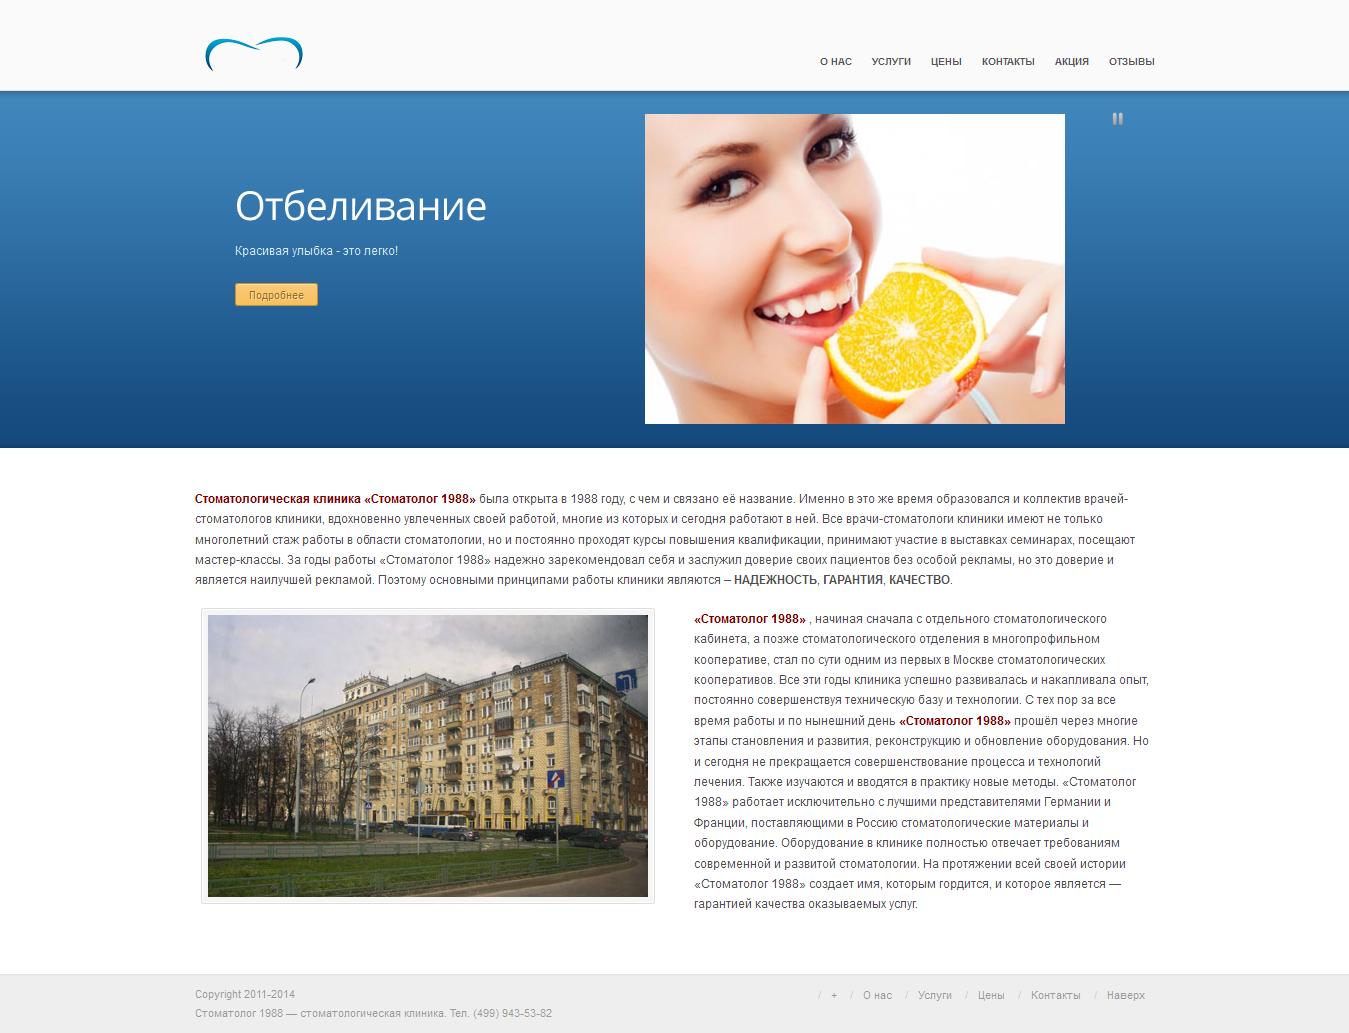 Пример сайта визитки - стоматологическая клиника